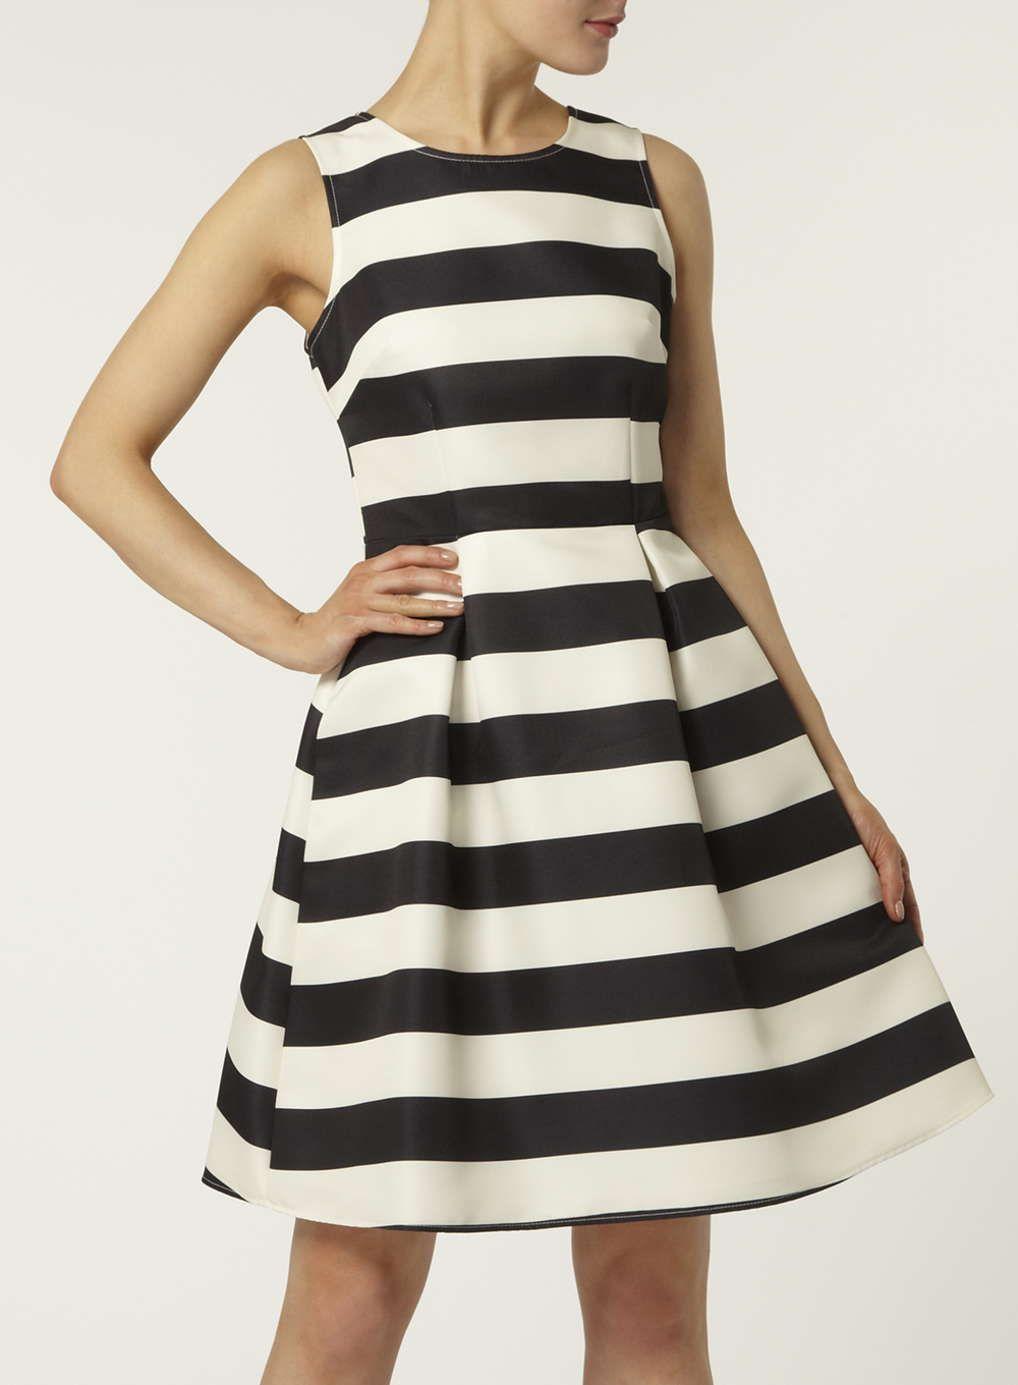 Schwarzes, Strukturiertes Kleid mit Streifen | strukturiertes Kleid ...